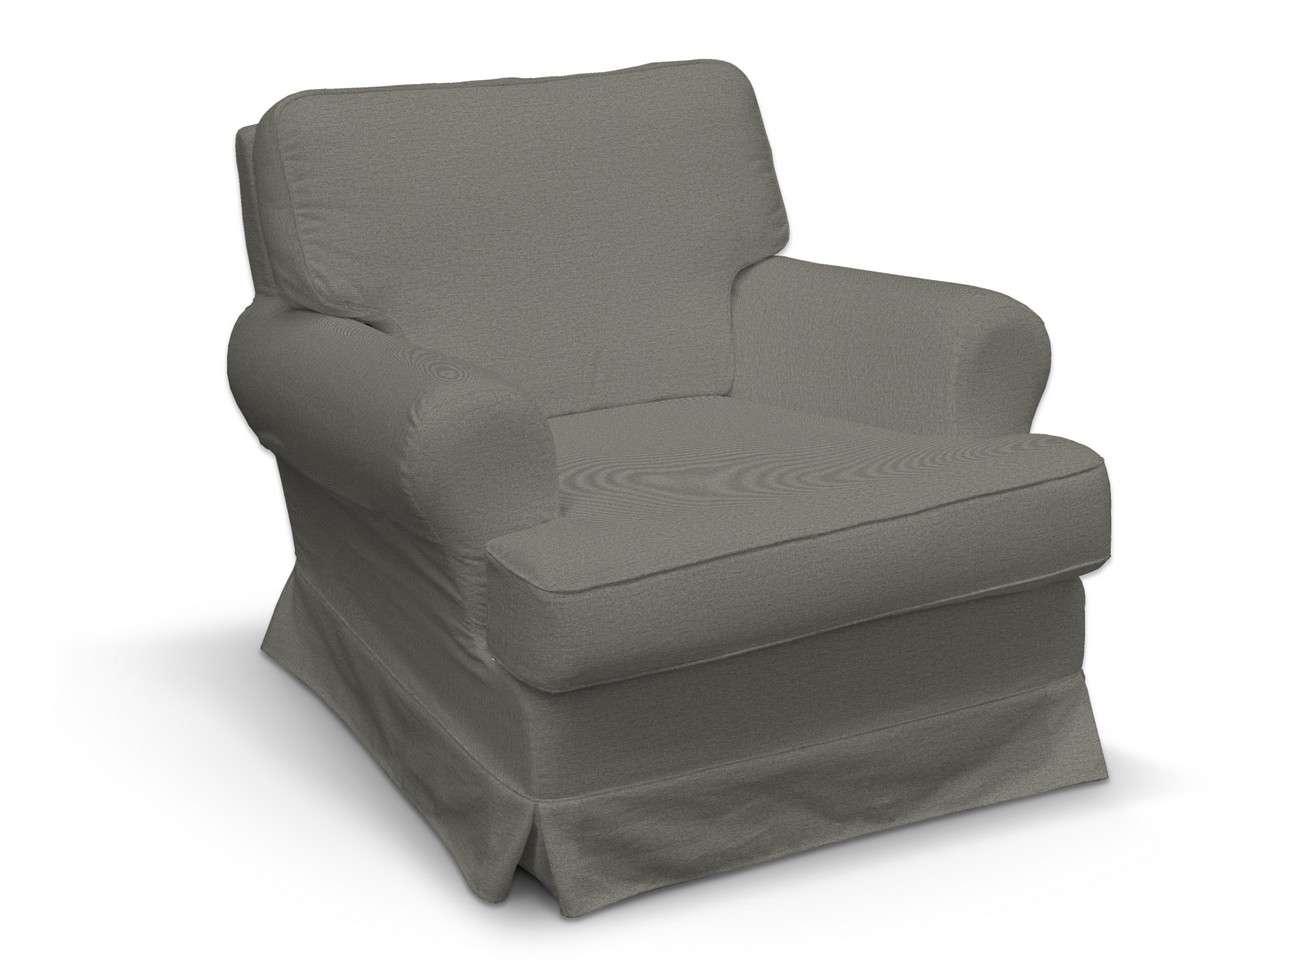 Pokrowiec na fotel Barkaby w kolekcji Etna, tkanina: 161-25